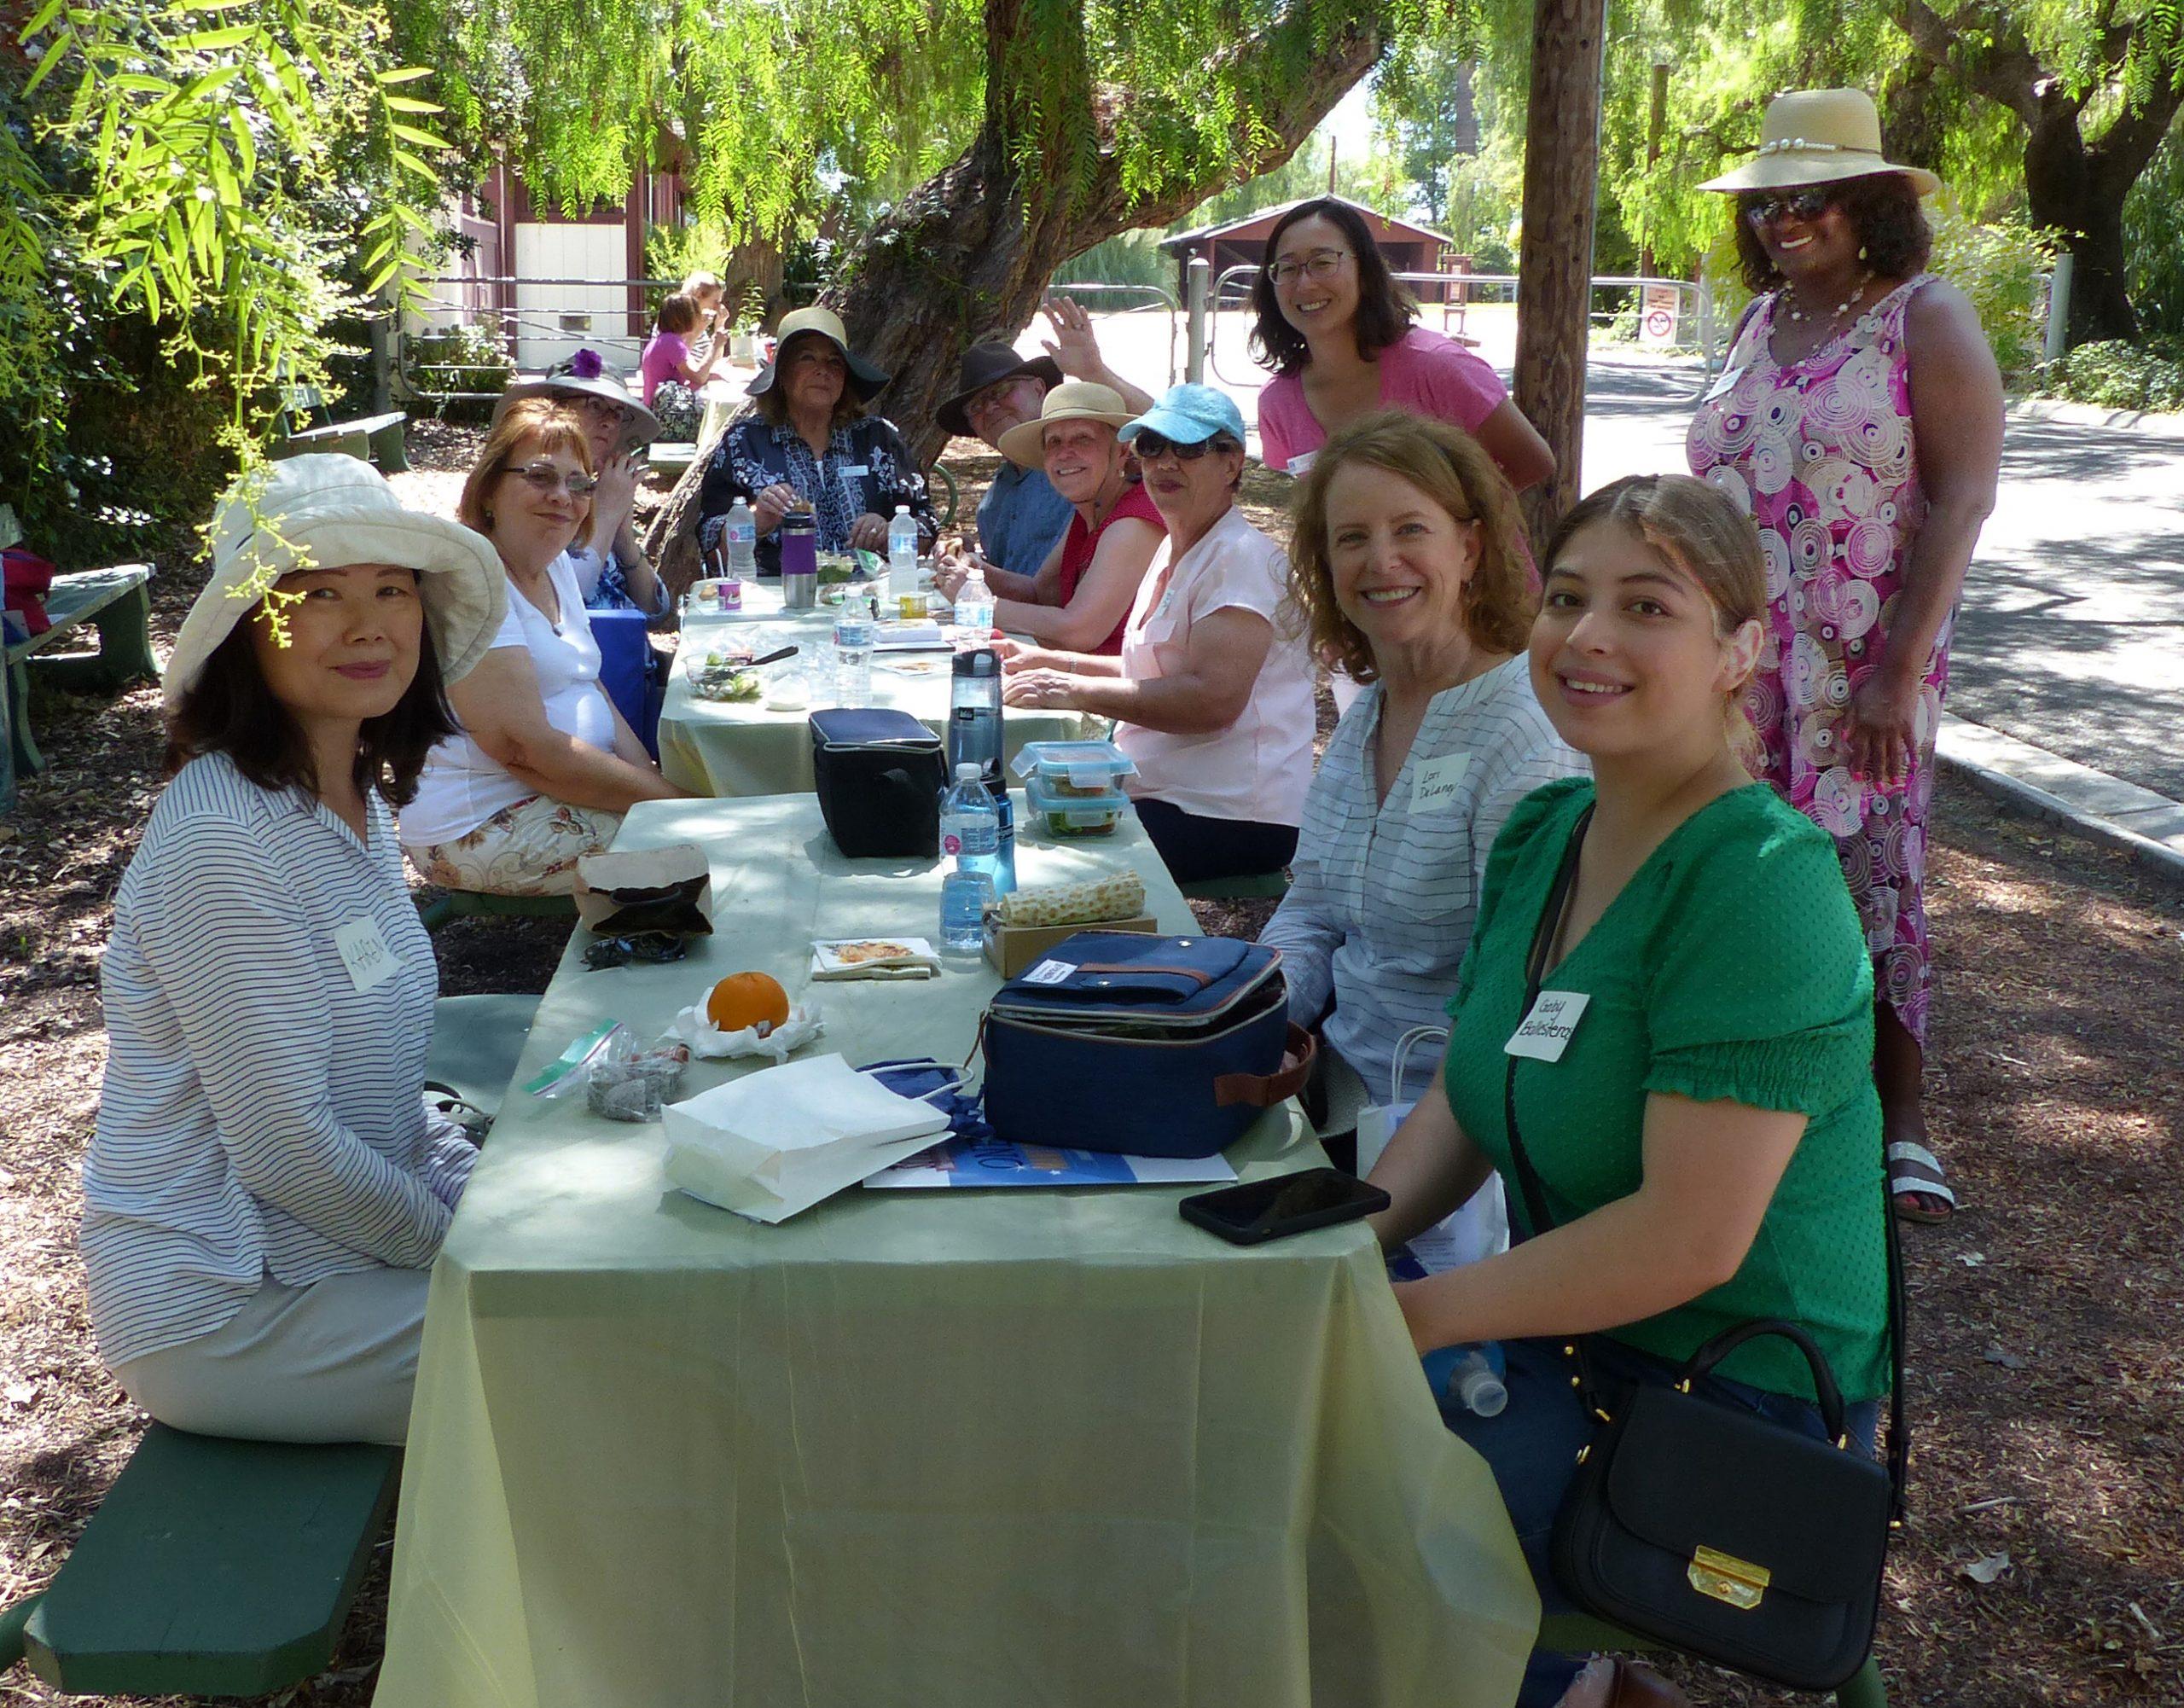 Lunch break at Rancho Los Alamitos